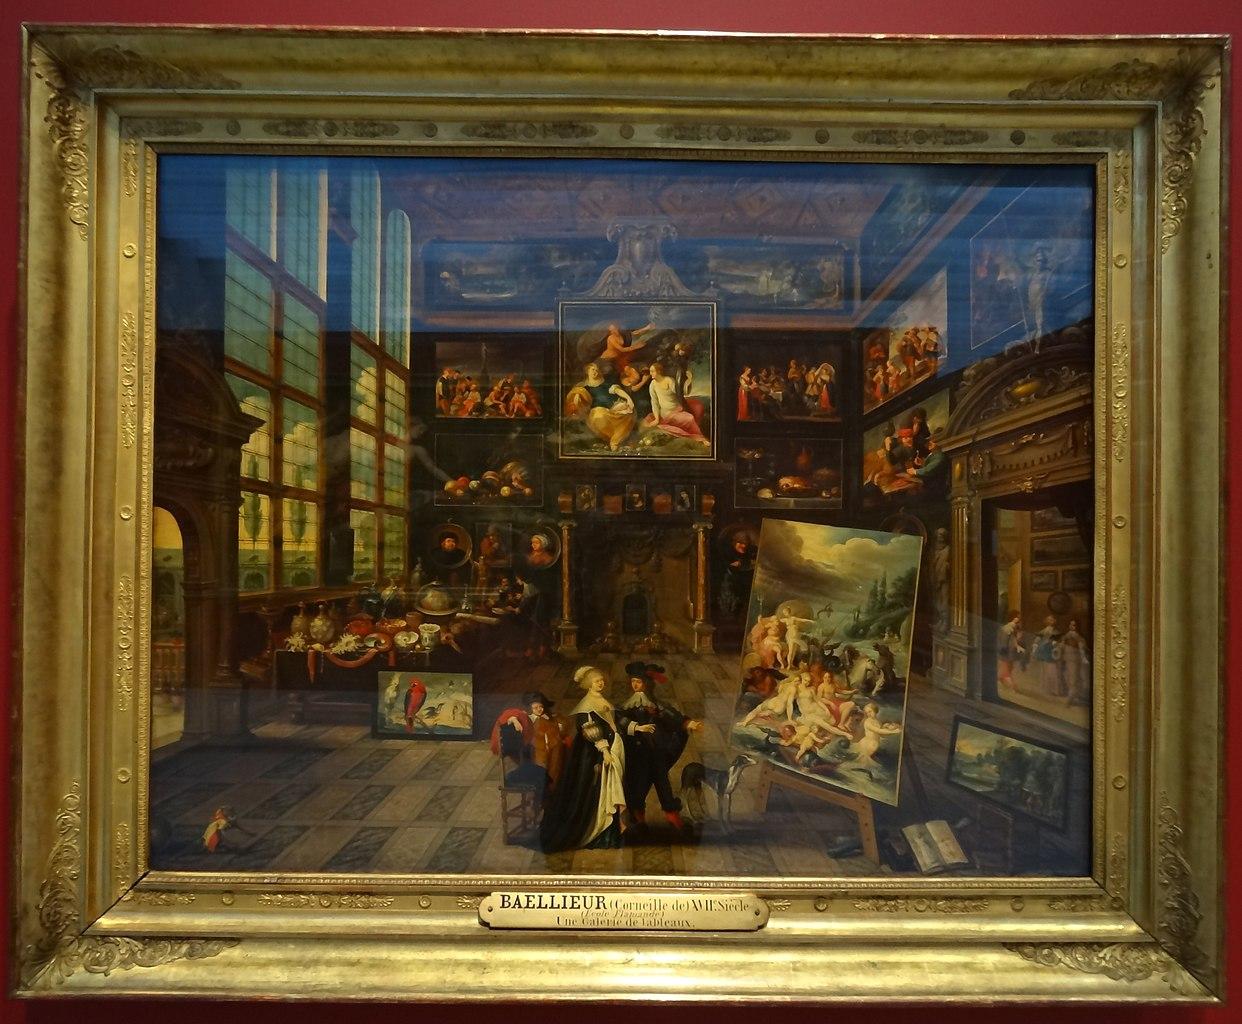 File Louvre Lens L Europe De Rubens 080 Interieur D Une Galerie De Tableaux Et D Objets D Art Jpg Wikimedia Commons